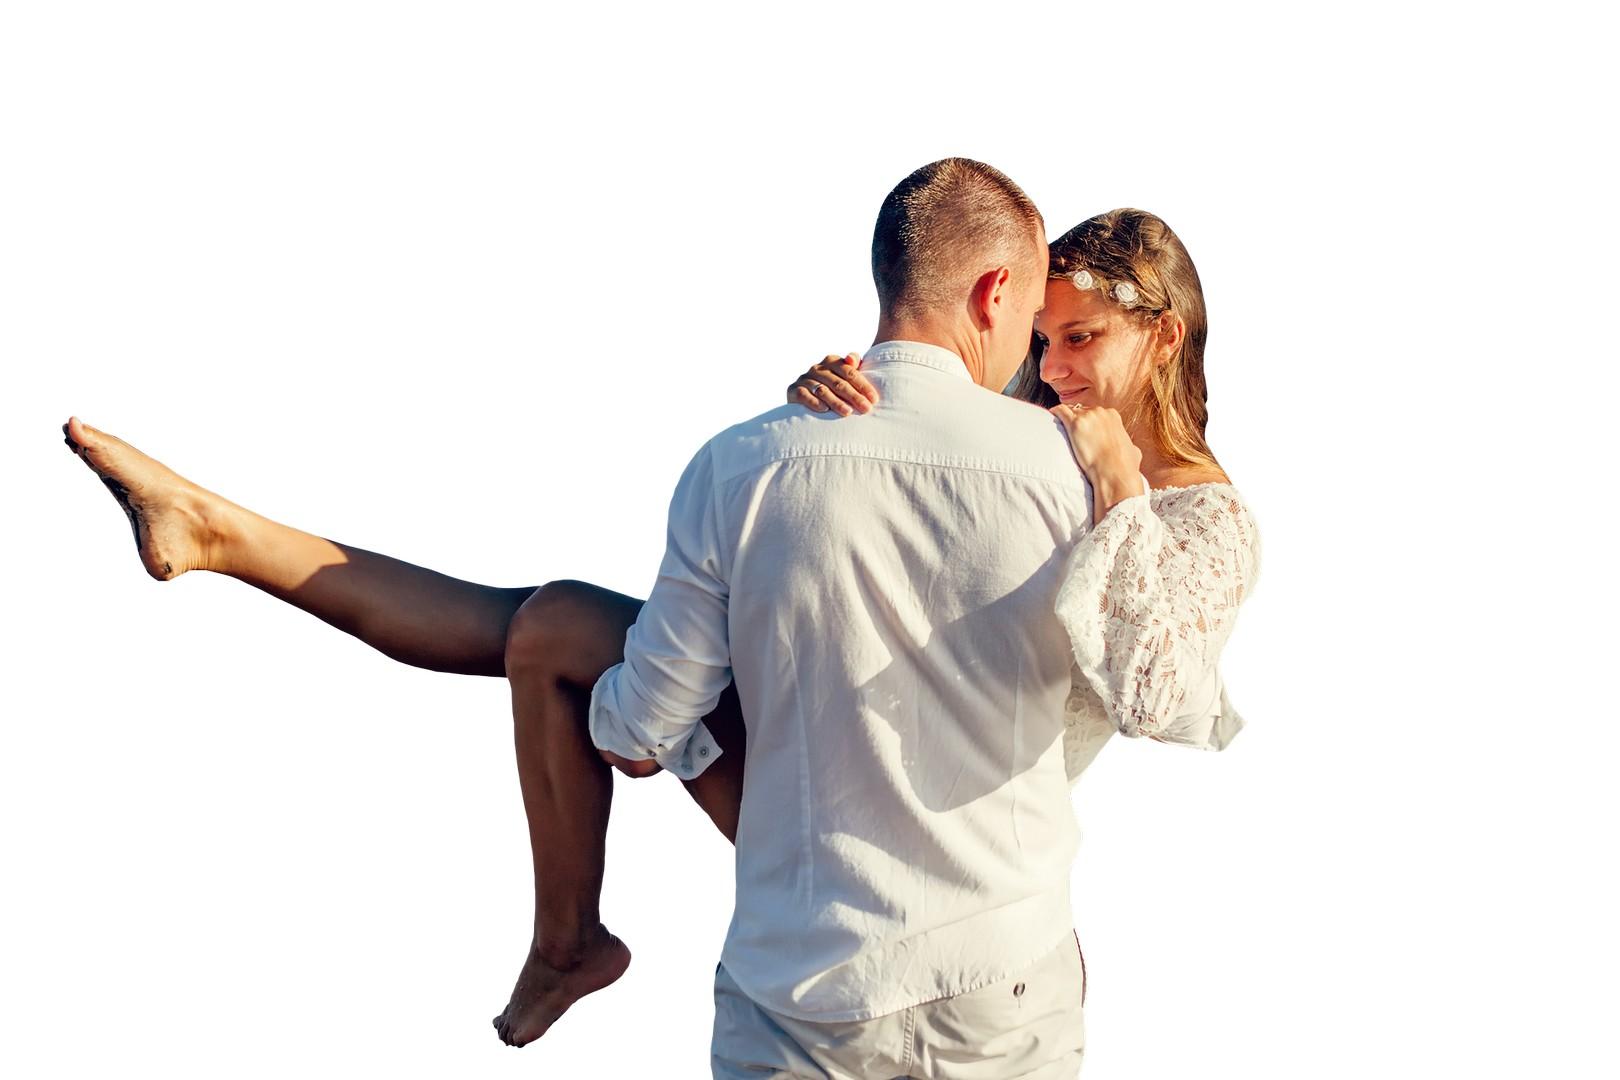 Как узнать, любит ли тебя парень: проявления любви и чувств